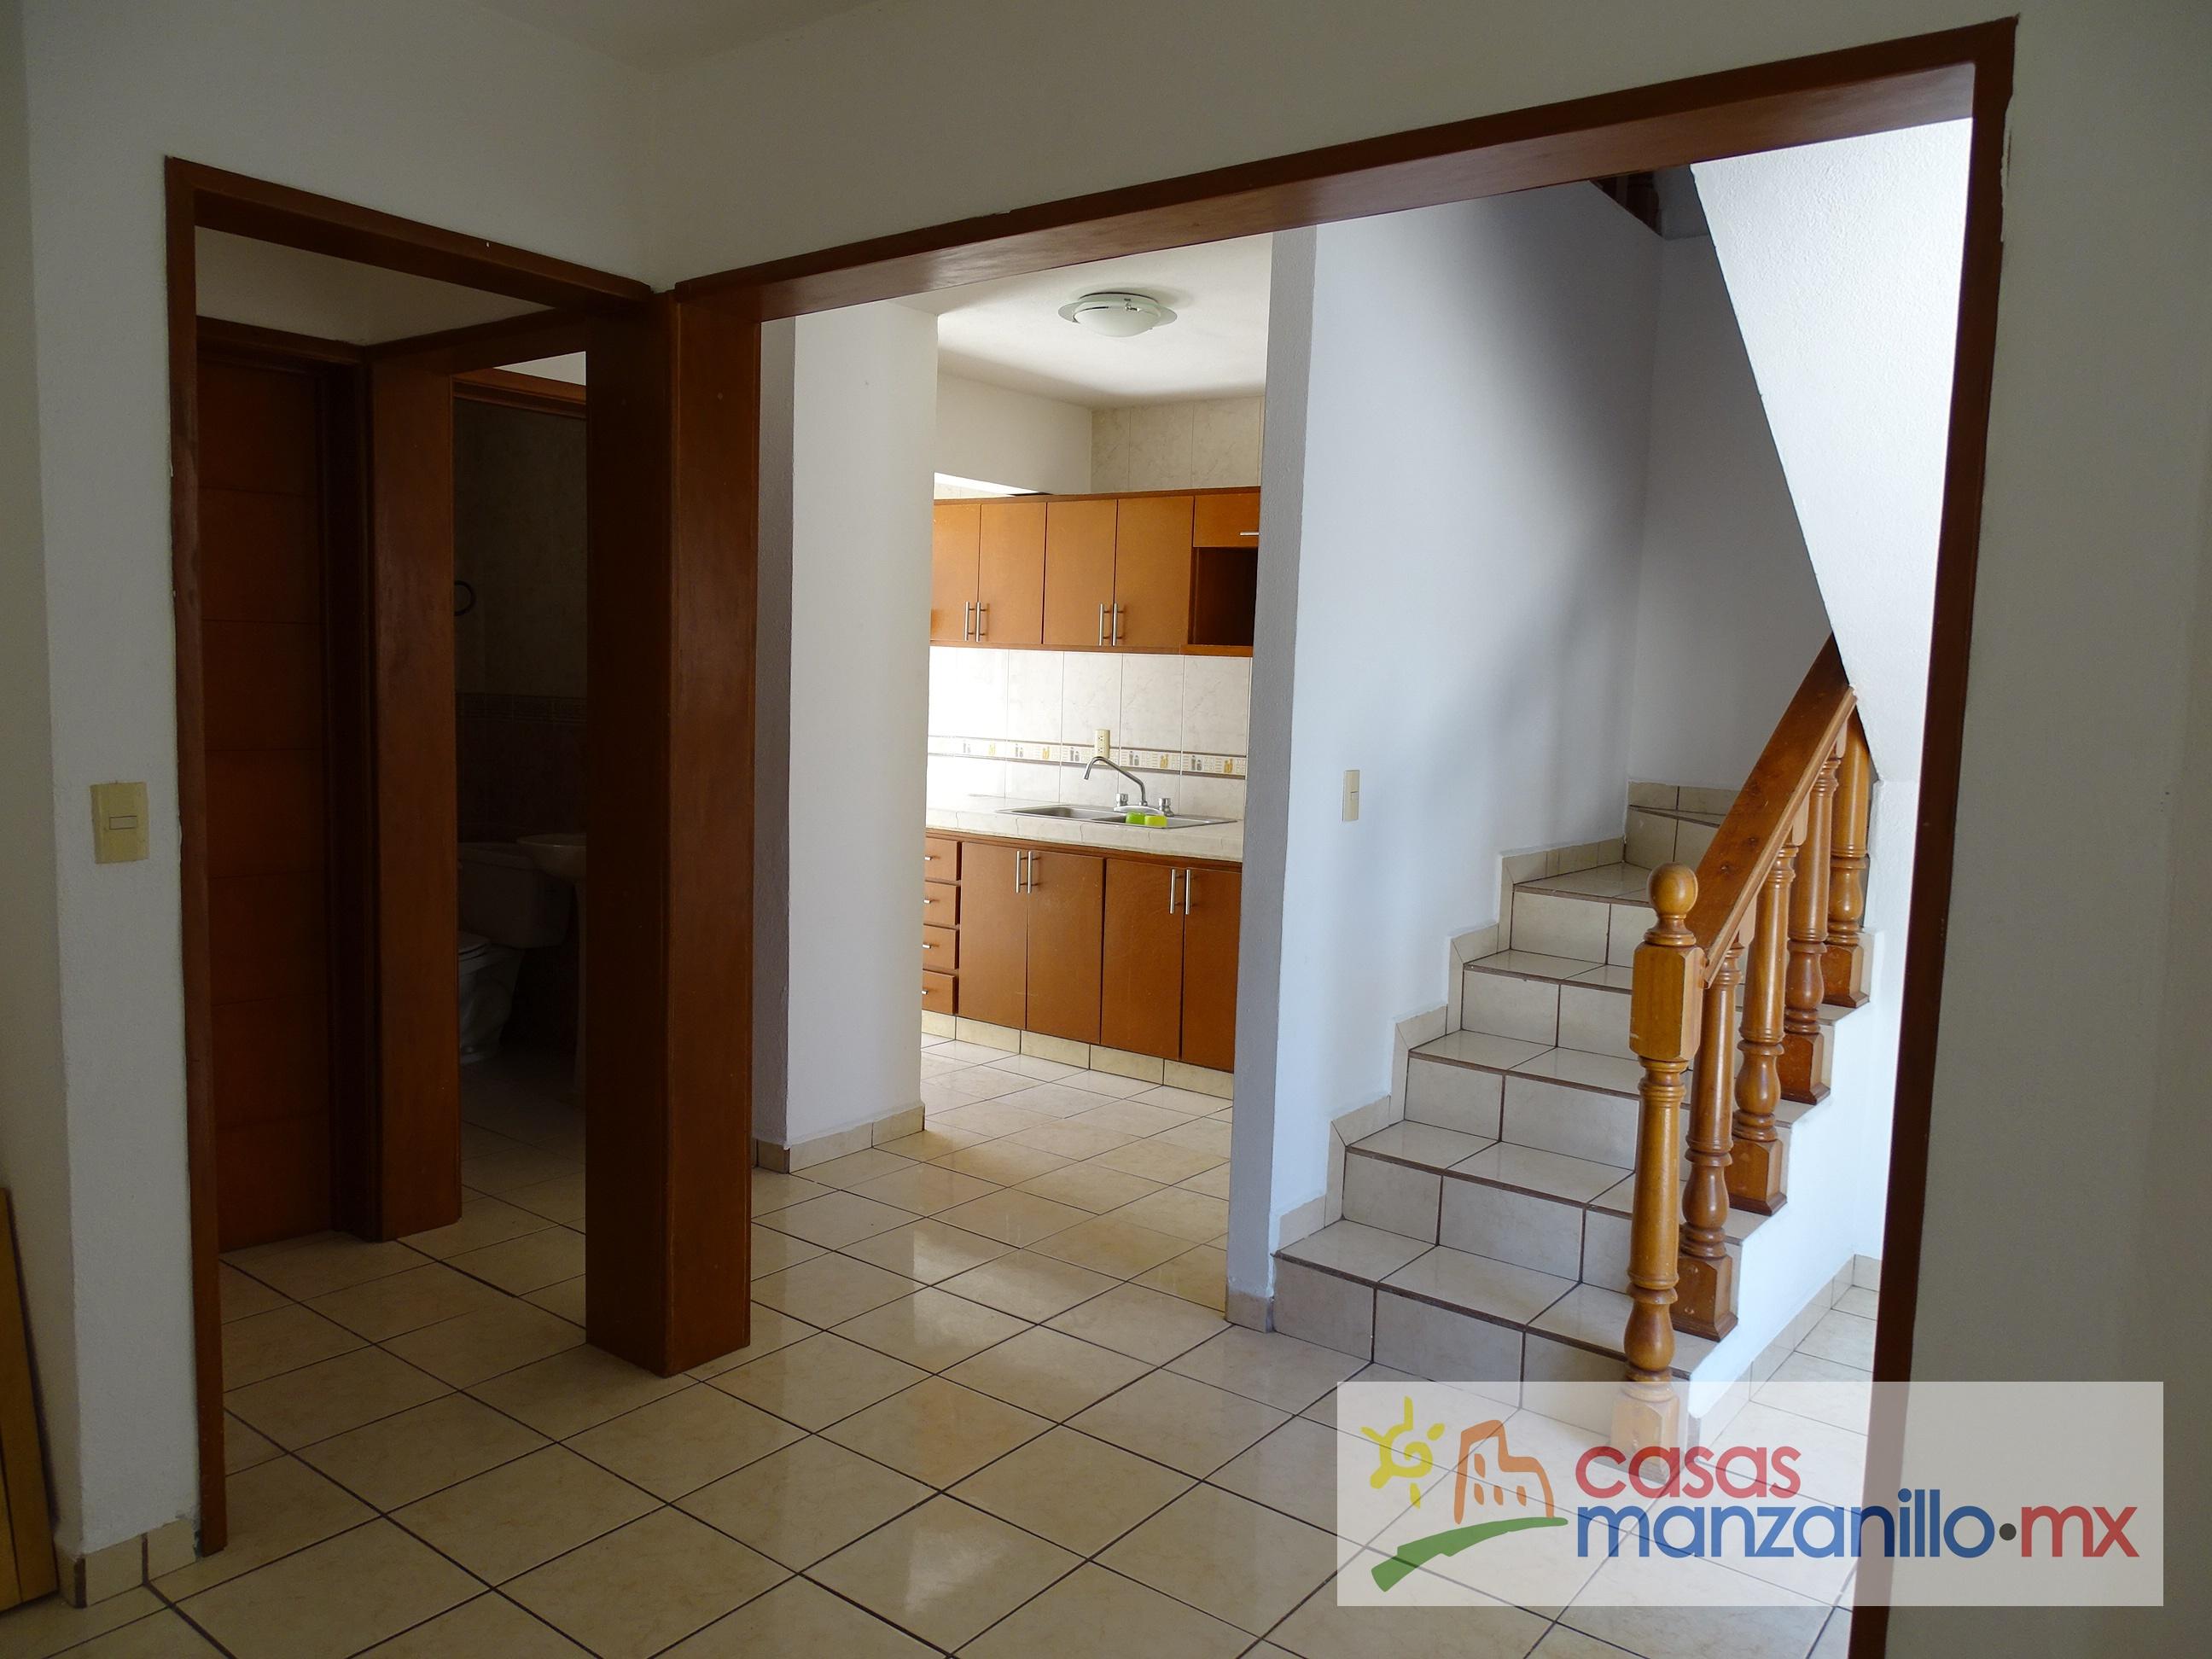 Casas VENTA Manzanillo - La Joya (34)